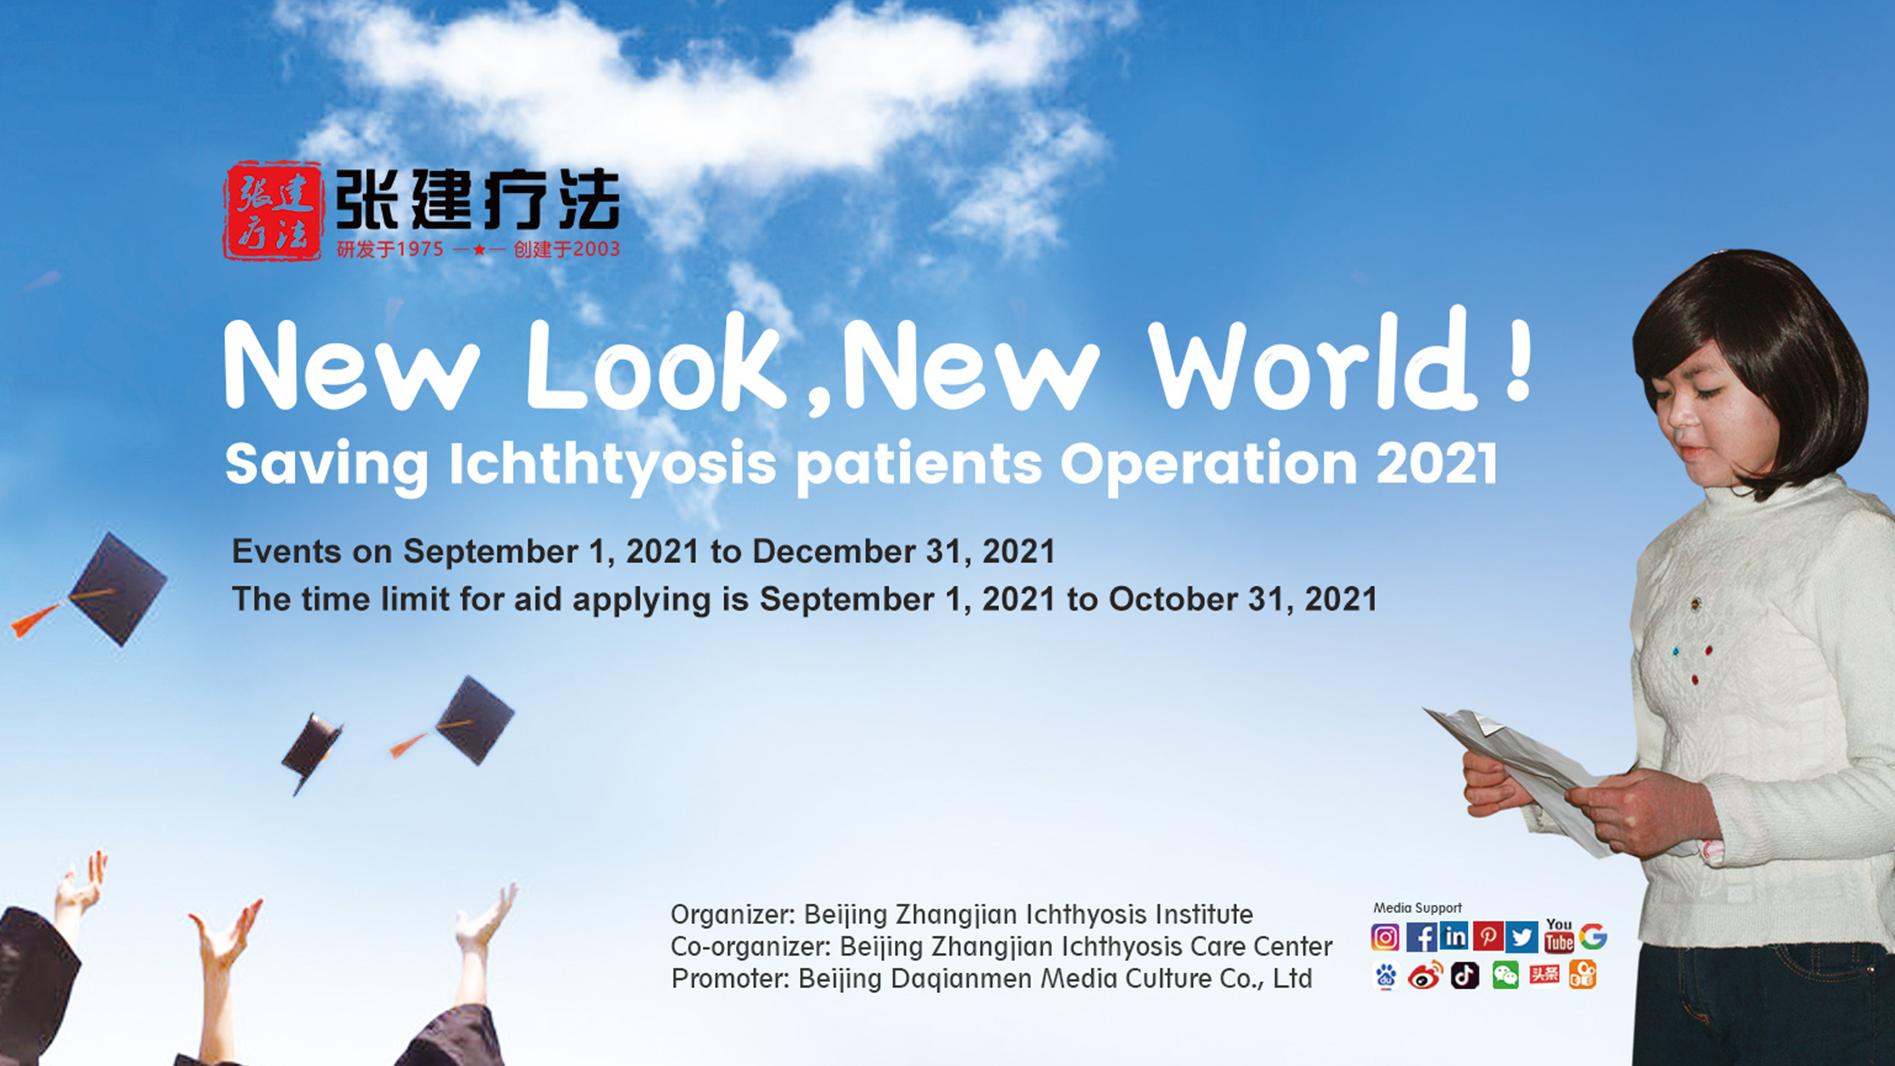 Beijing Zhang Jian Ichthyosis Research Institute